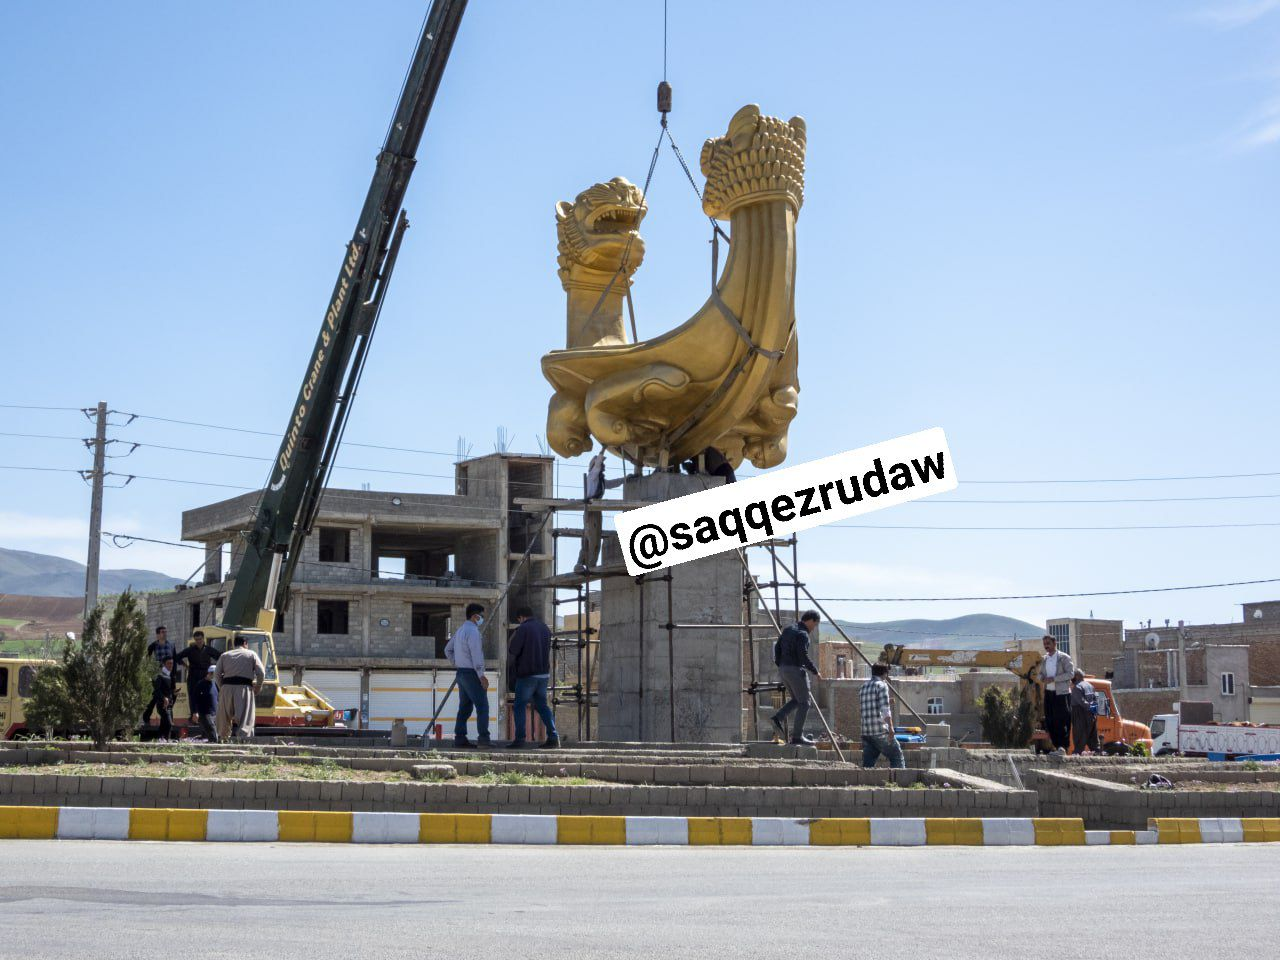 نصب المان دستبند زیویه در میدان زیویه شهر صاحب